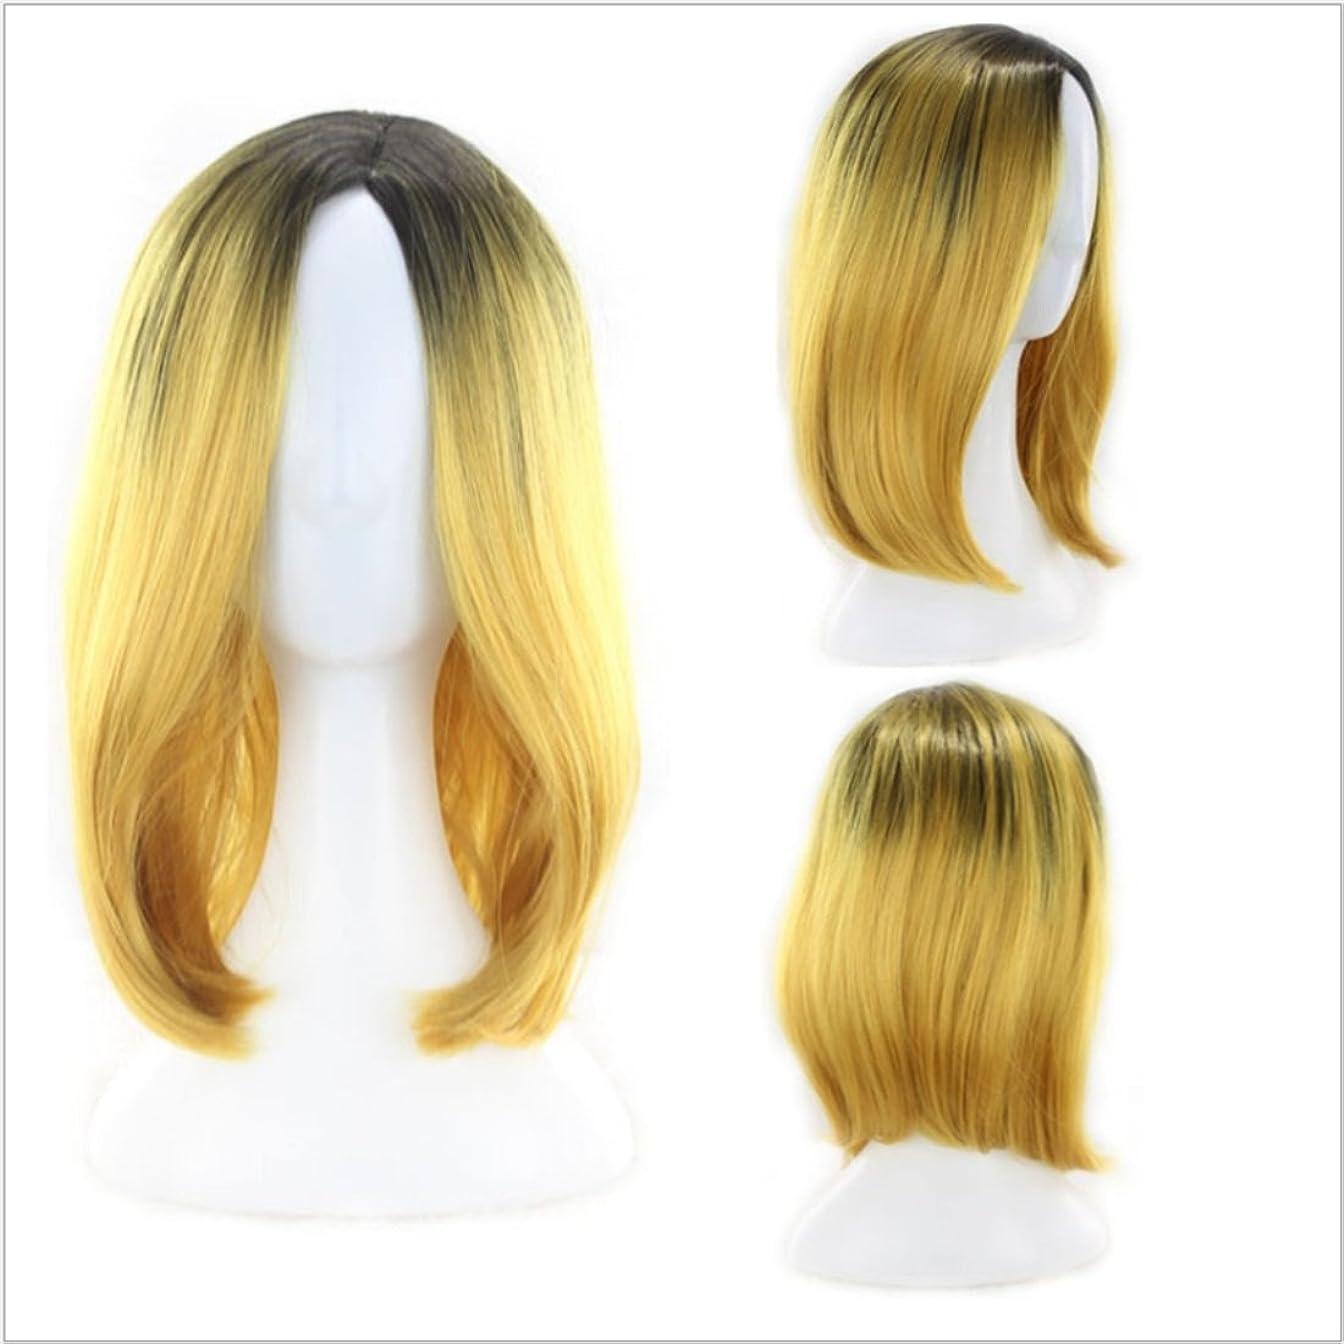 療法フラスコ問題HOHYLLYA ナチュラルグラデーションカラーかつら女性用ショートボボヘッドかつら髪耐熱性かつら長さ35cmファッションかつら (色 : イエロー)